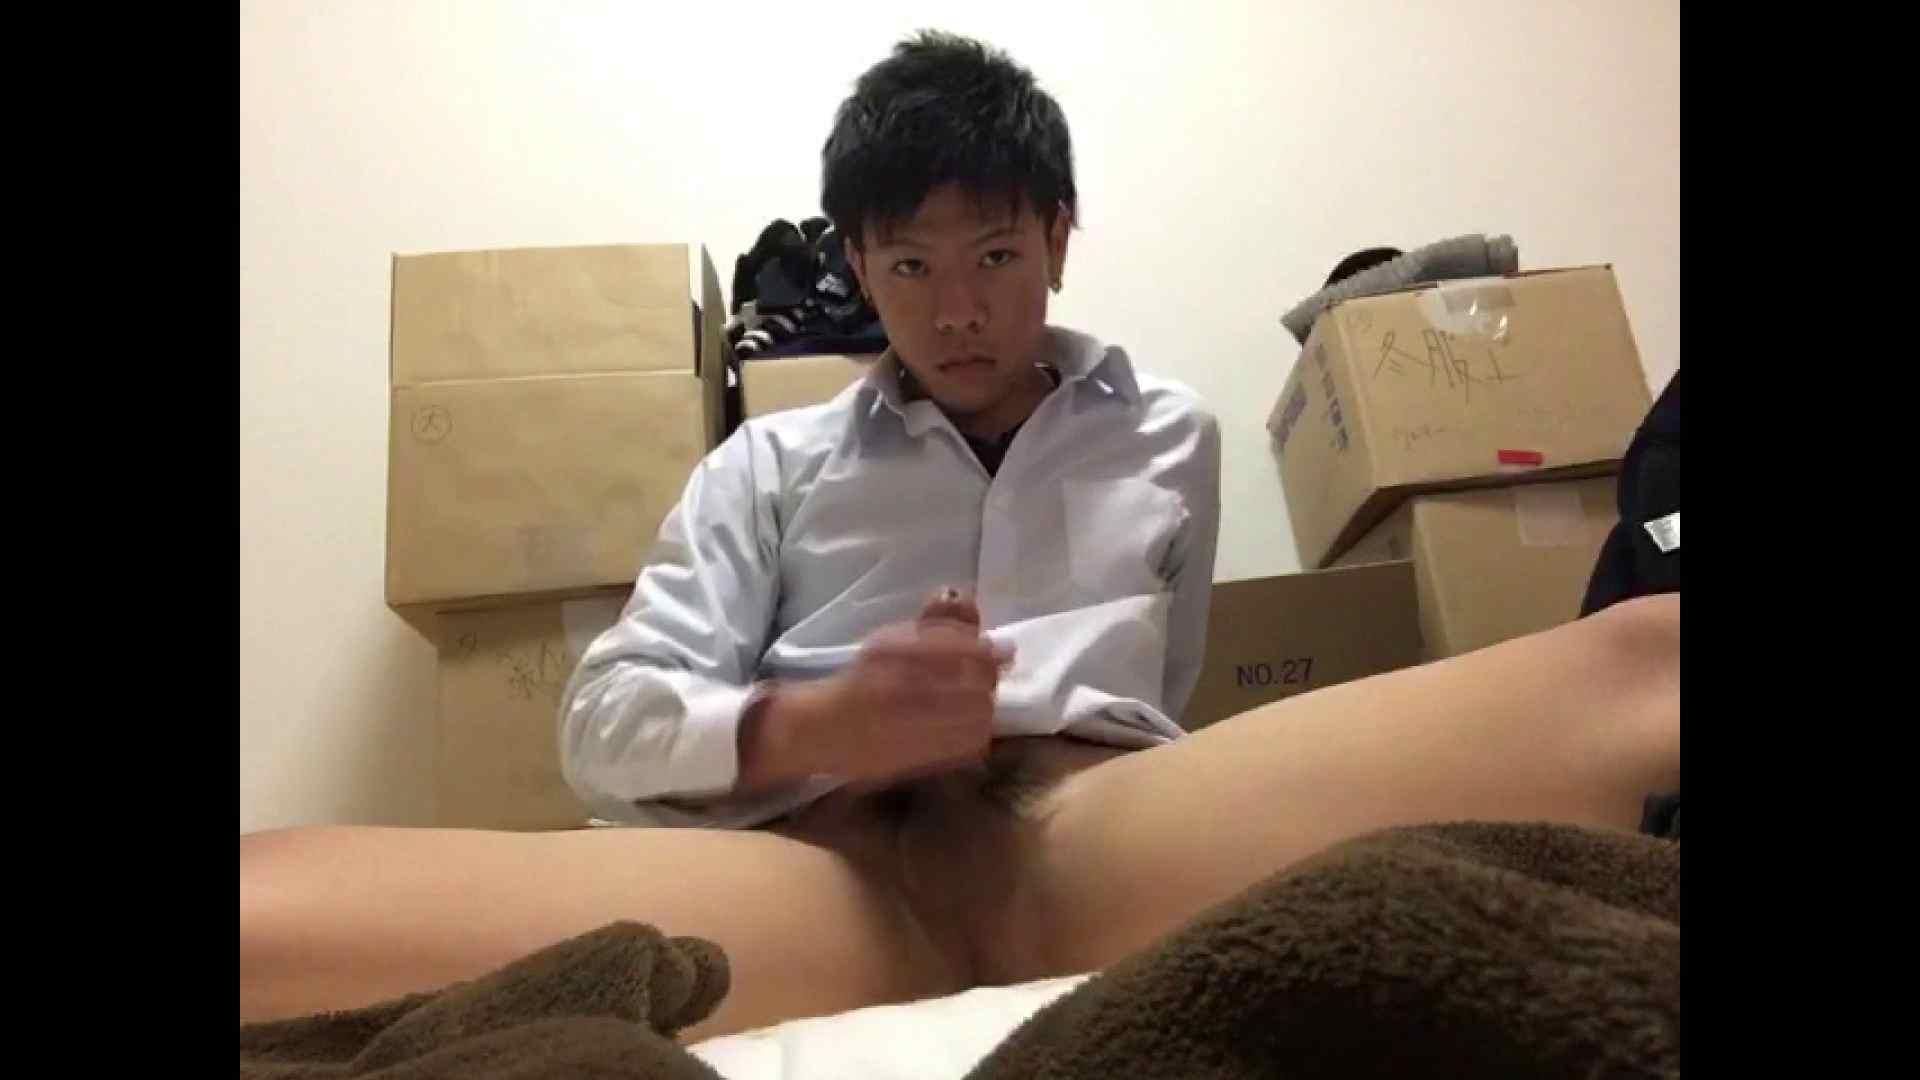 個人撮影 自慰の極意 Vol.1 イケメンたち ゲイ無修正ビデオ画像 82pic 52